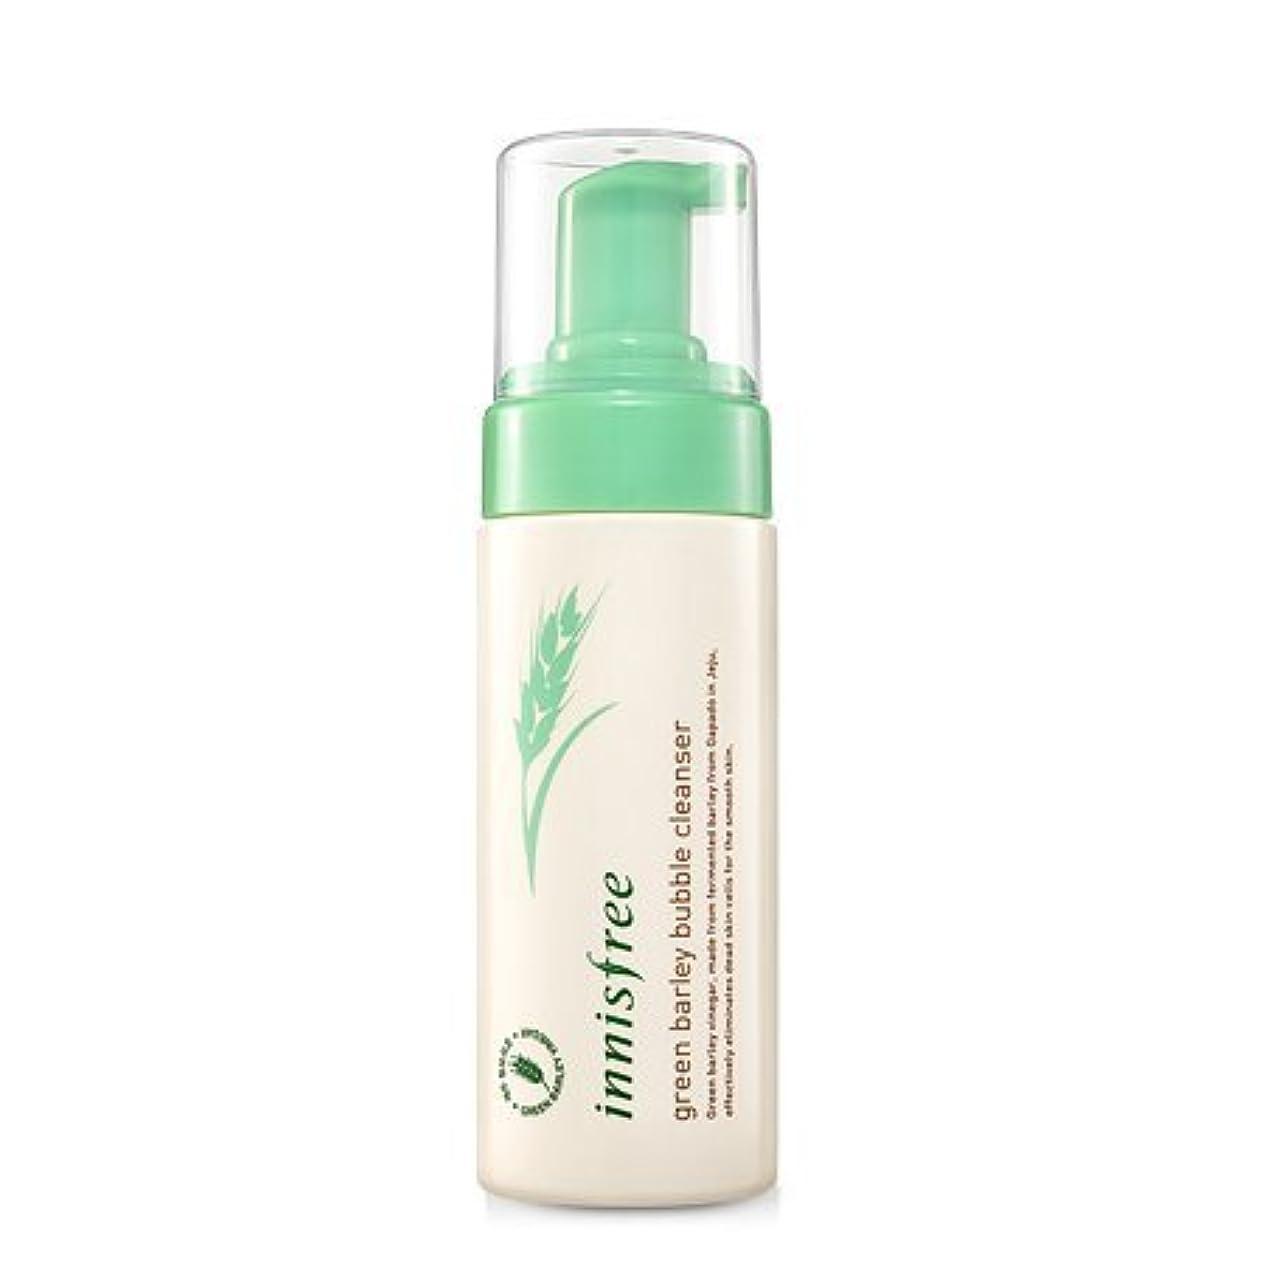 競争コンサート祖先[innisfree(イニスフリー)] Green barley bubble cleanser 150ml 青麦のバブルクレンザー [並行輸入品][海外直送品]